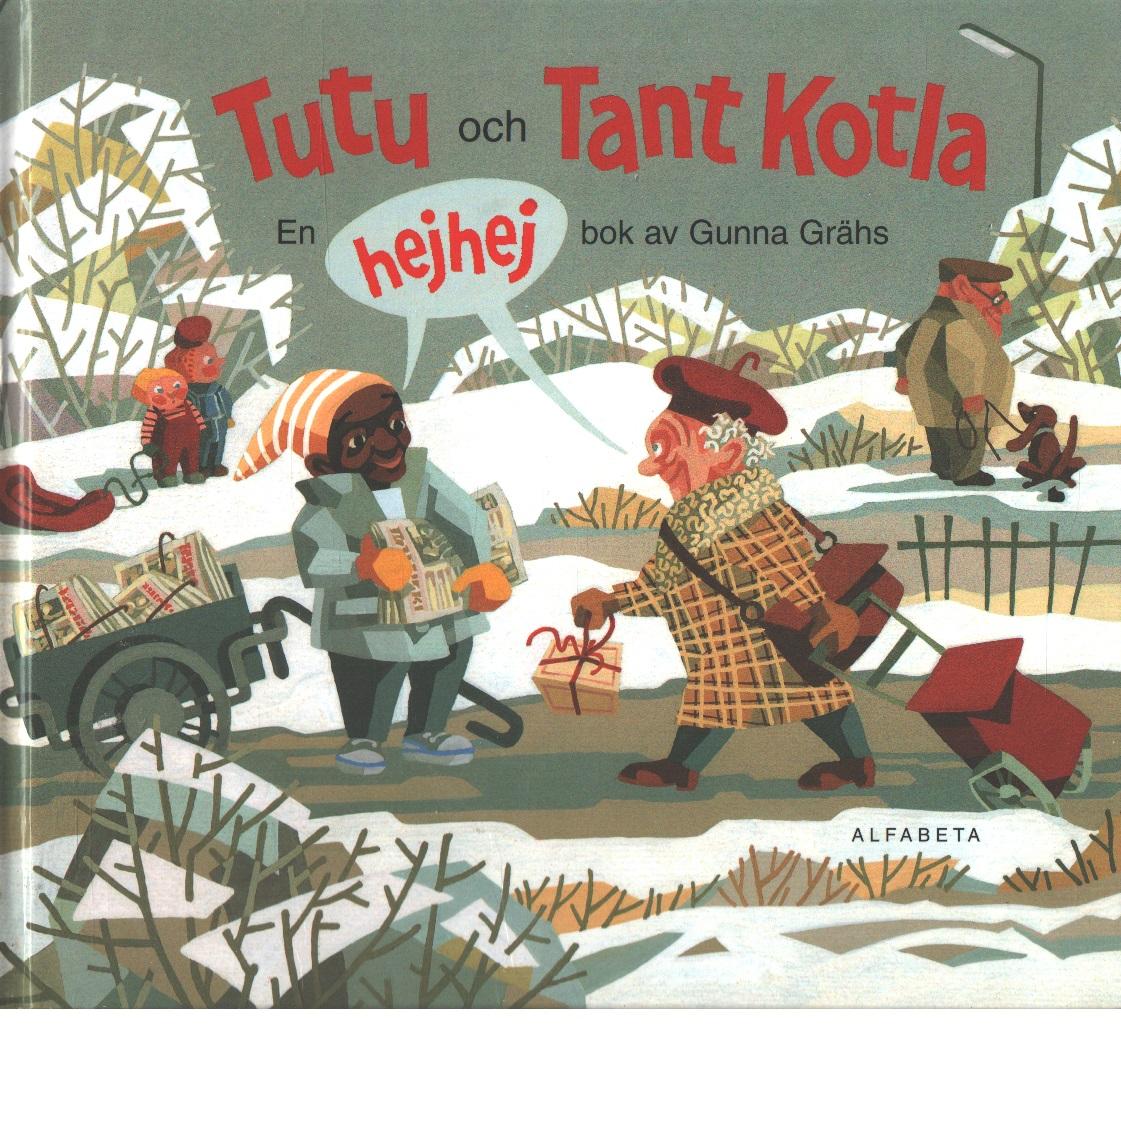 Tutu och tant Kotla : en hejhej bok - Grähs, Gunna